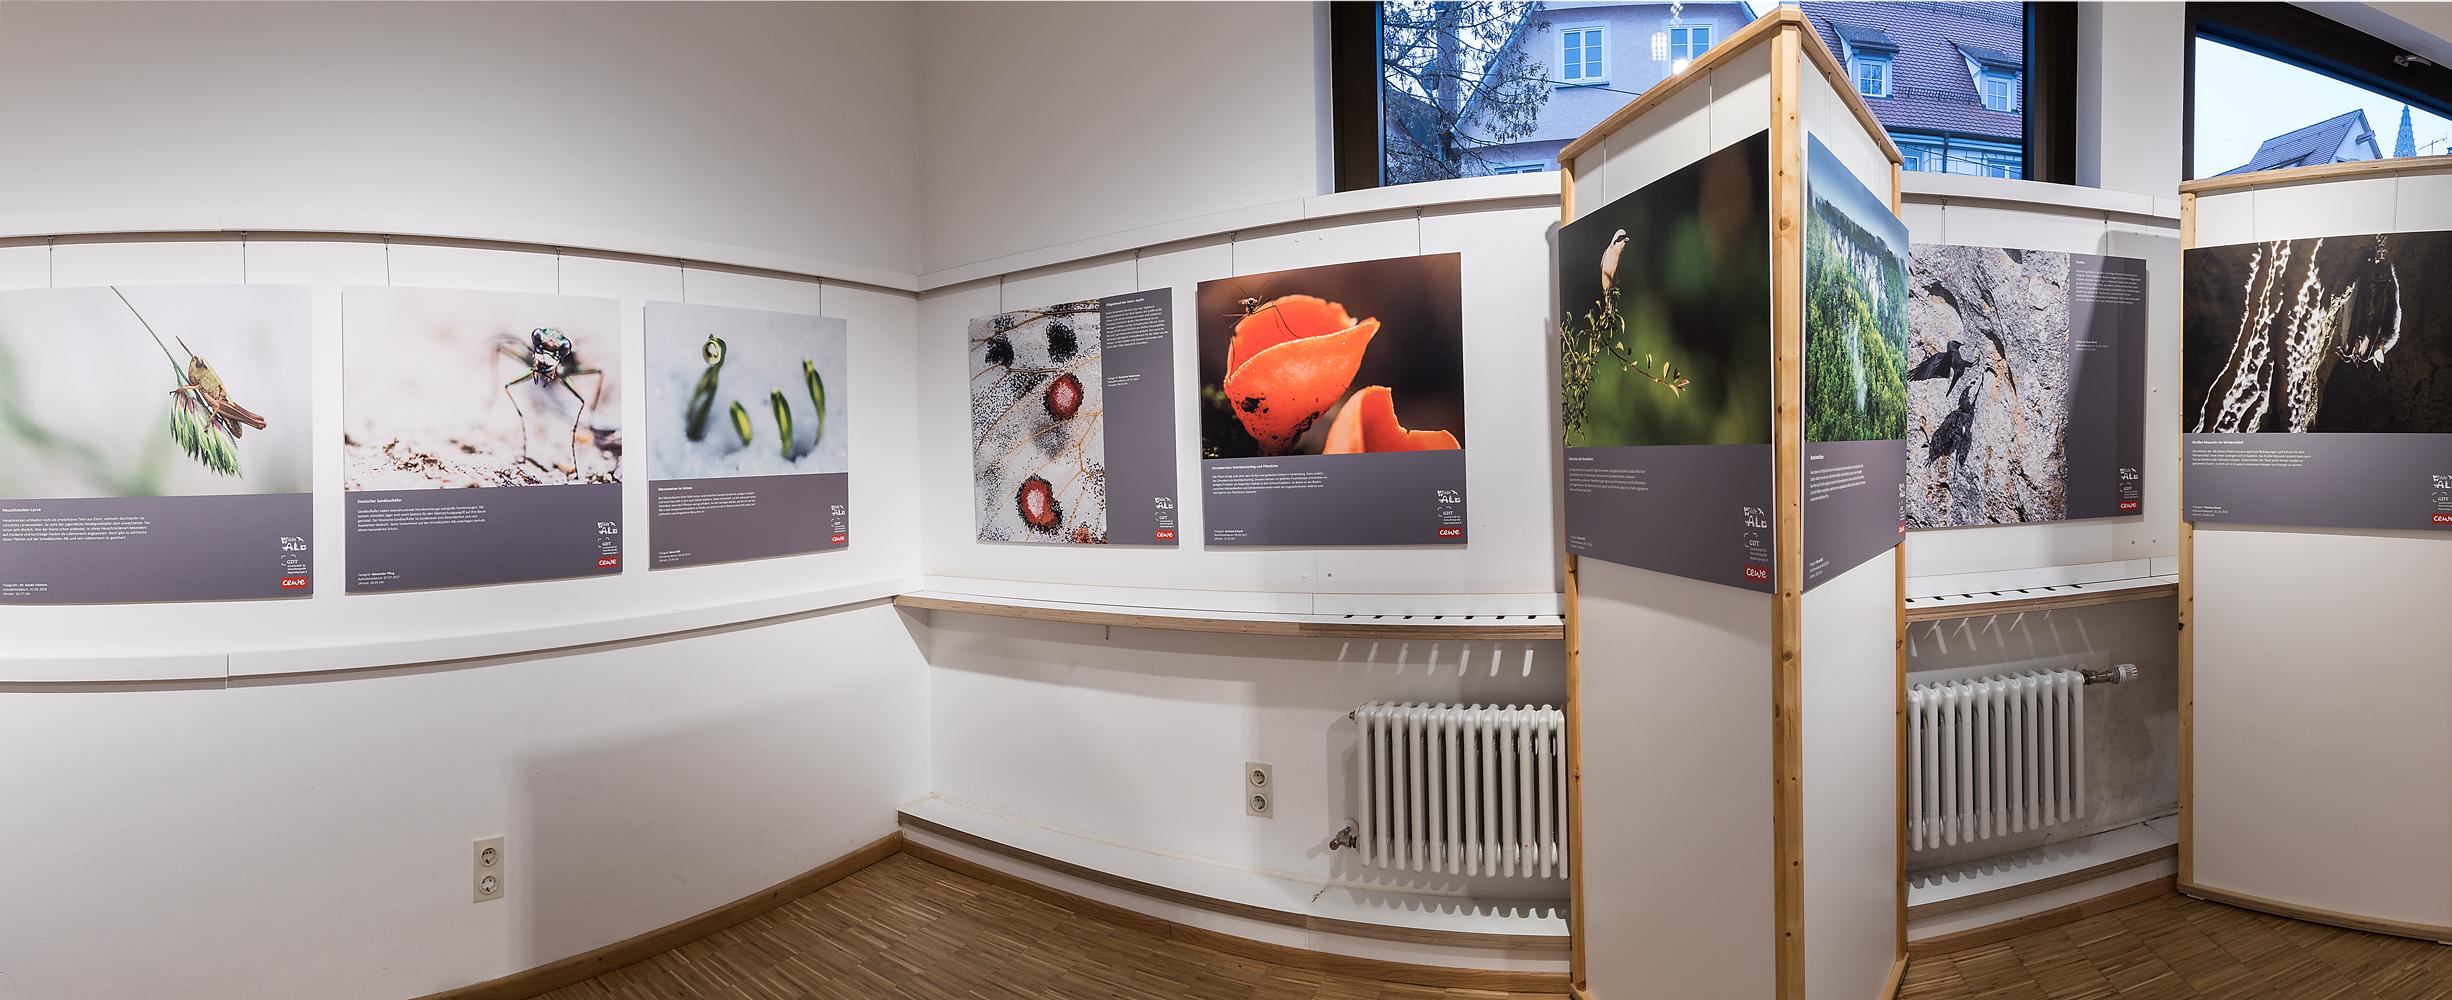 """Die Sonderausstellung """"Wilde Alb"""" ist noch bis zum 29. März im Naturkundlichen Bildungszentrum Ulm zu sehen.  (Foto: G. Schenk)"""